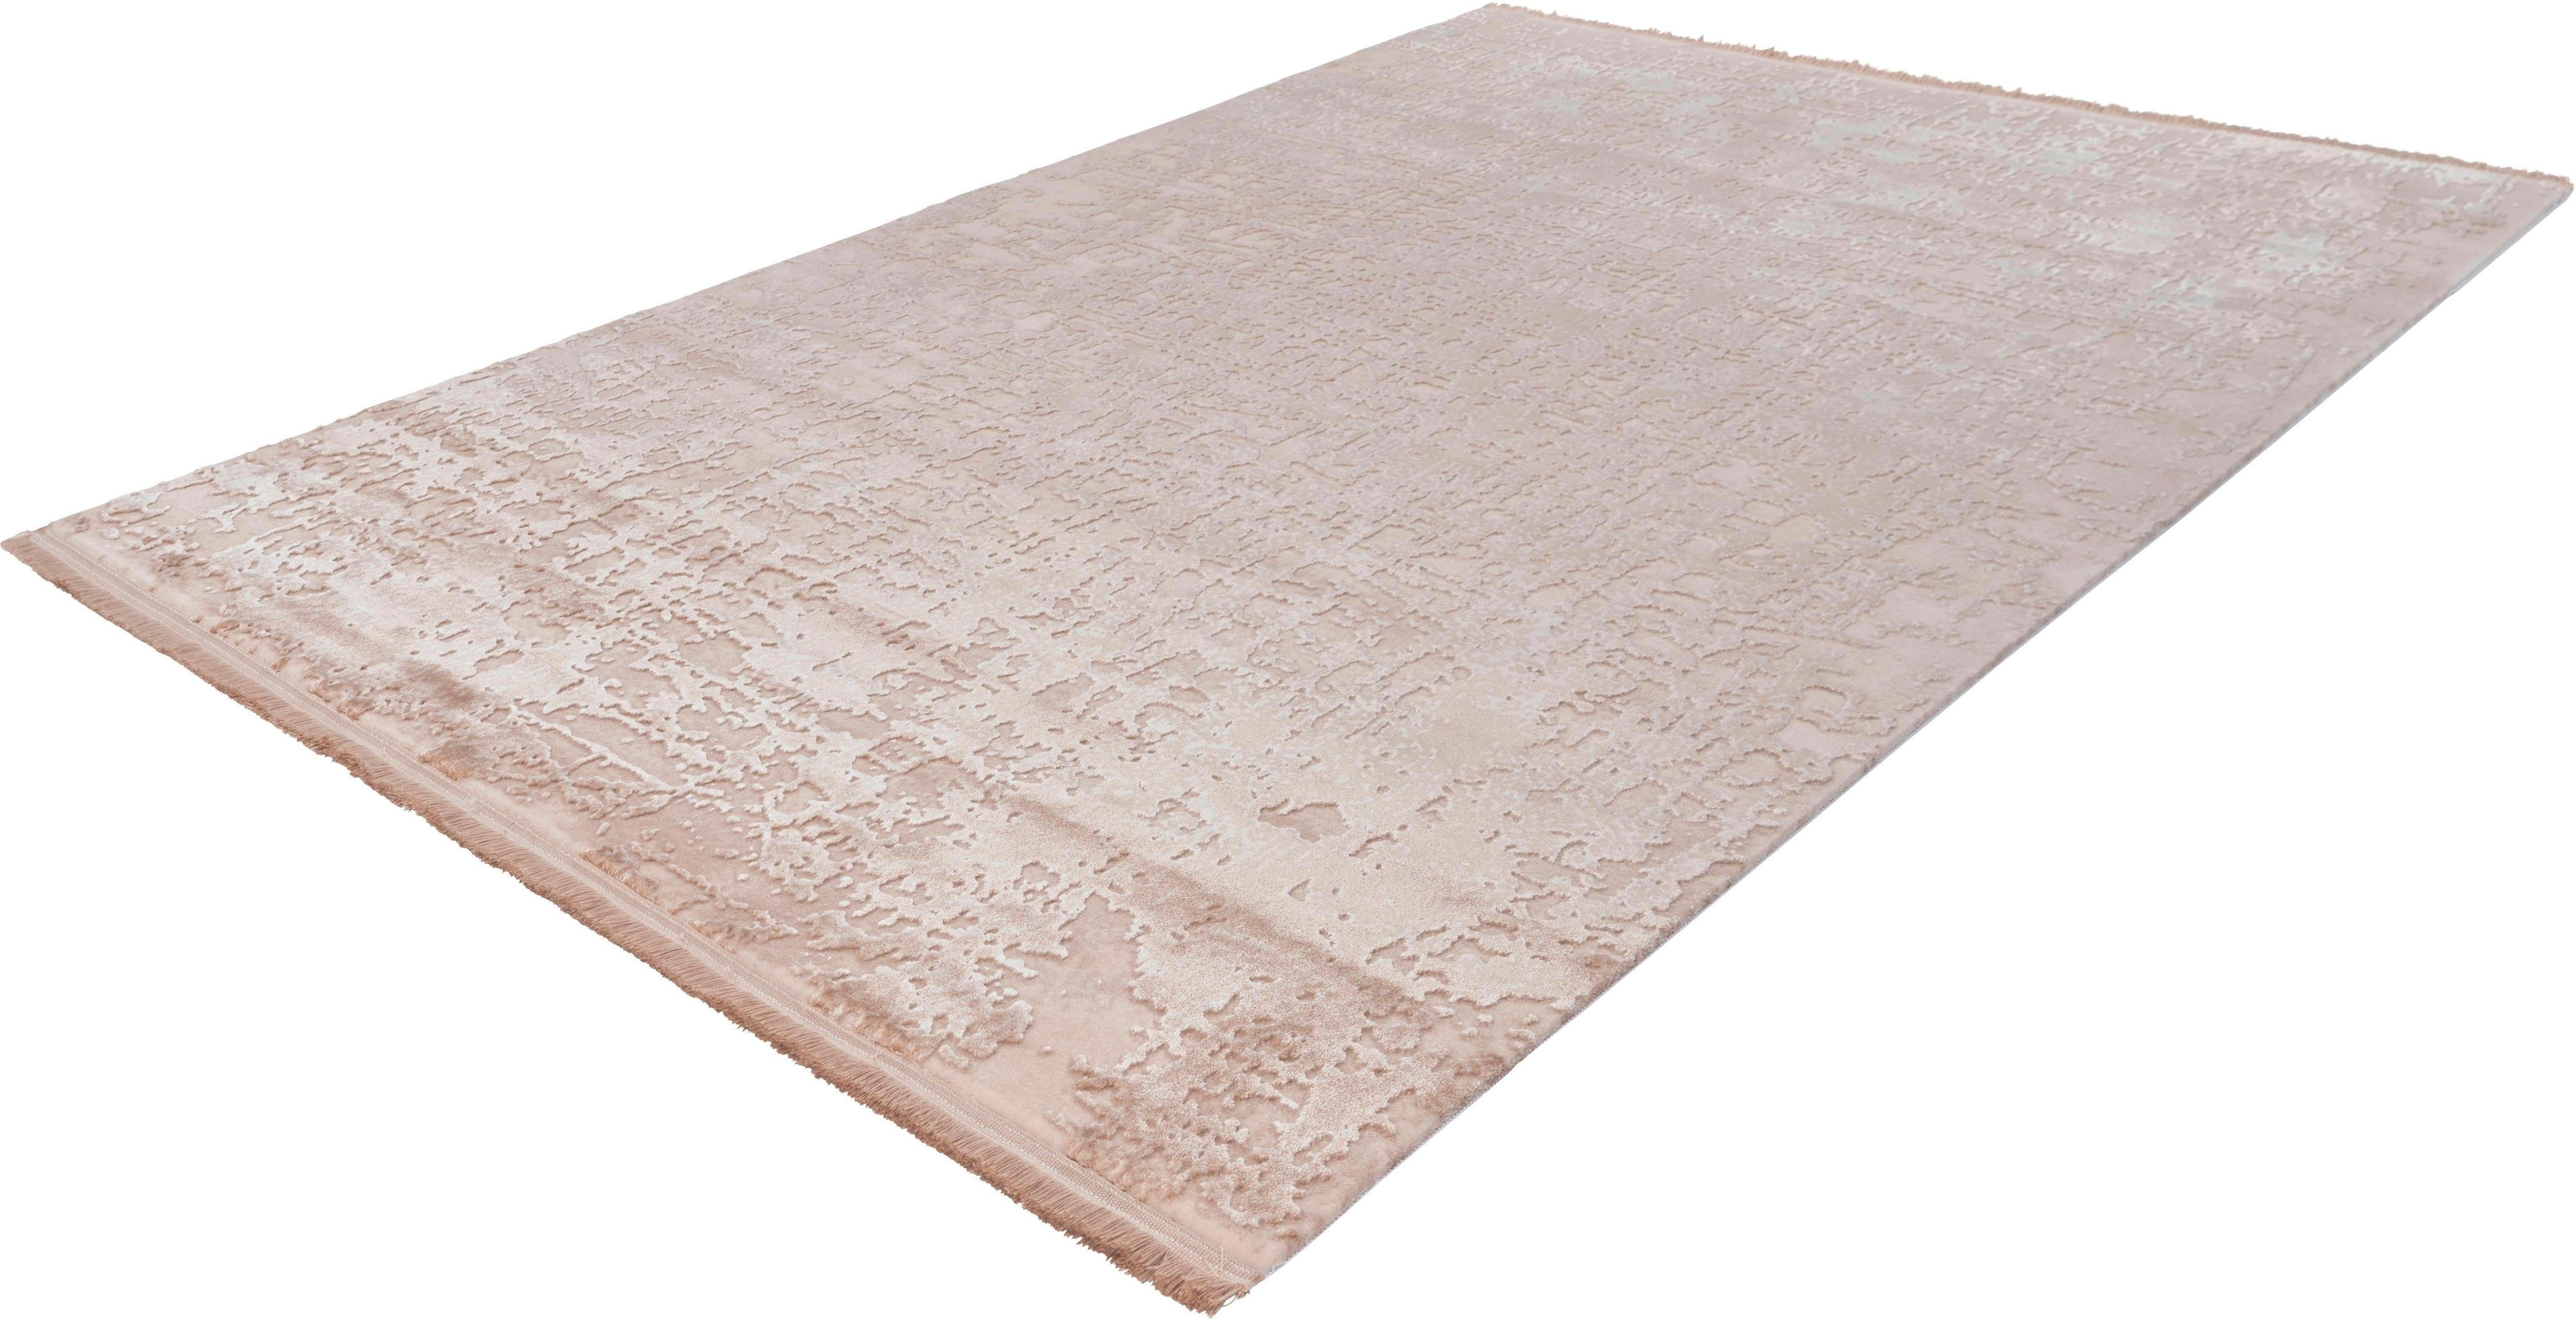 Teppich Arlos 804 calo-deluxe rechteckig Höhe 12 mm maschinell gewebt